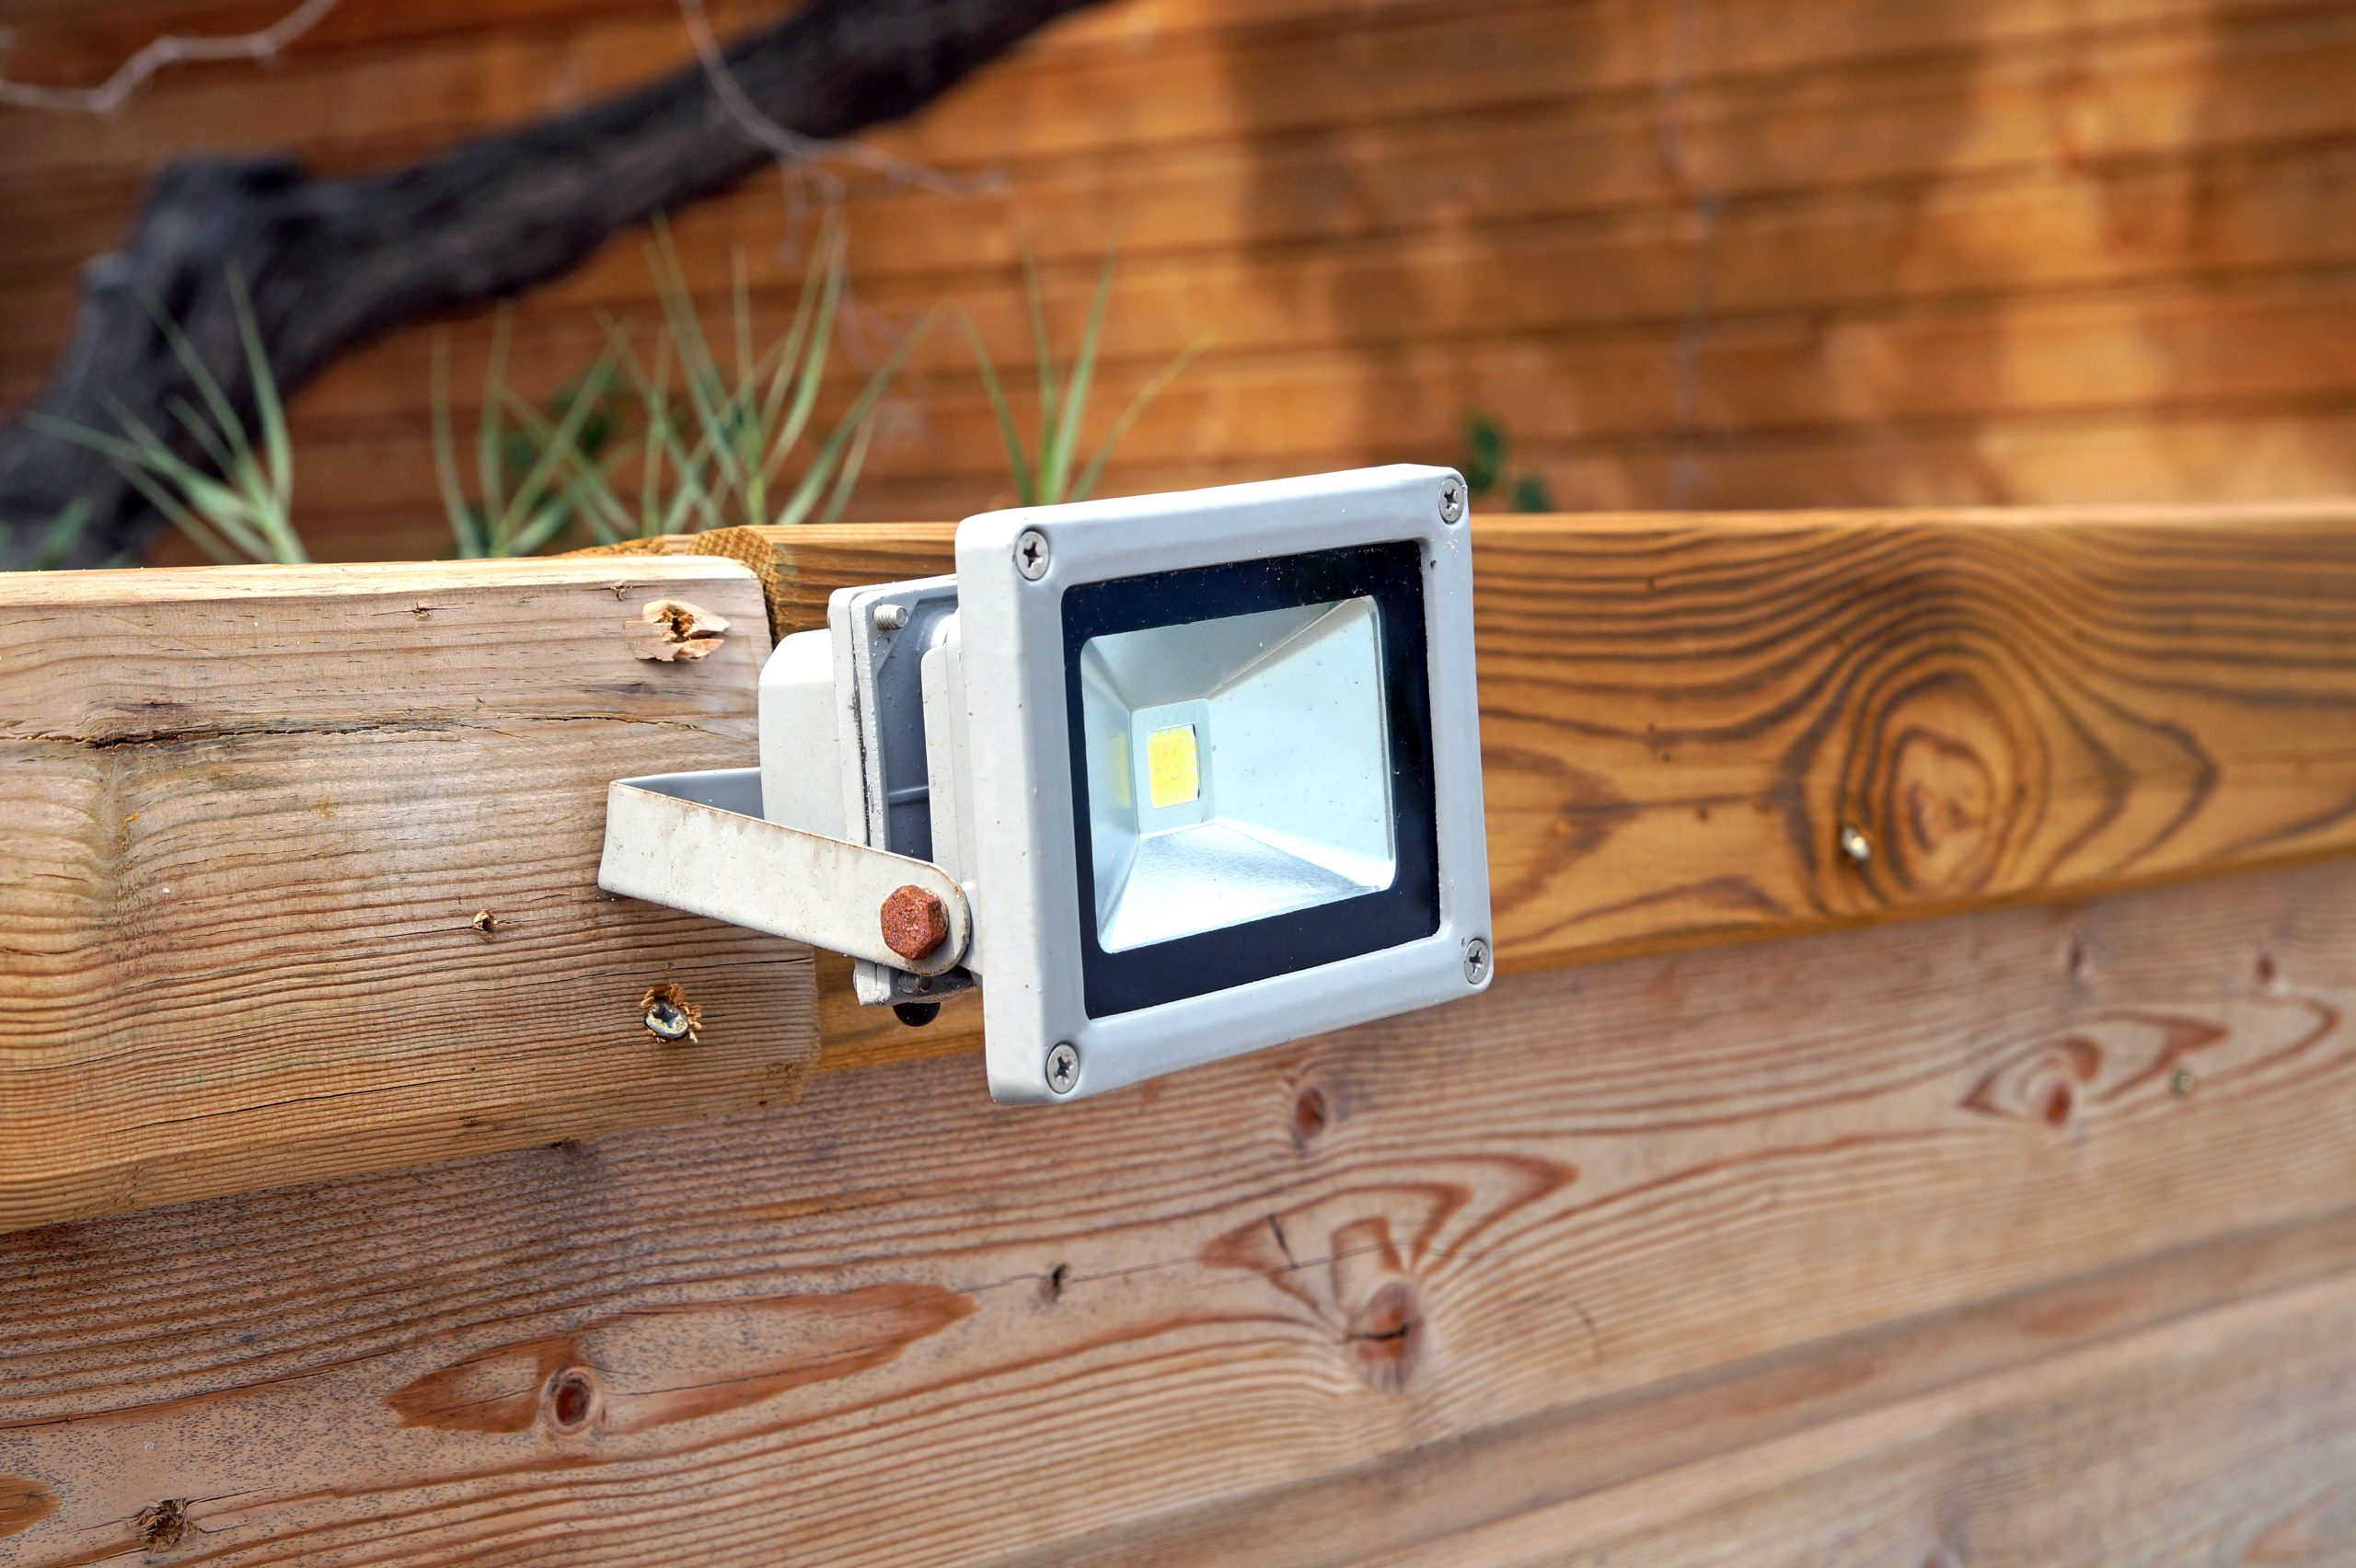 Comment bien choisir son projecteur led rechargeable ?